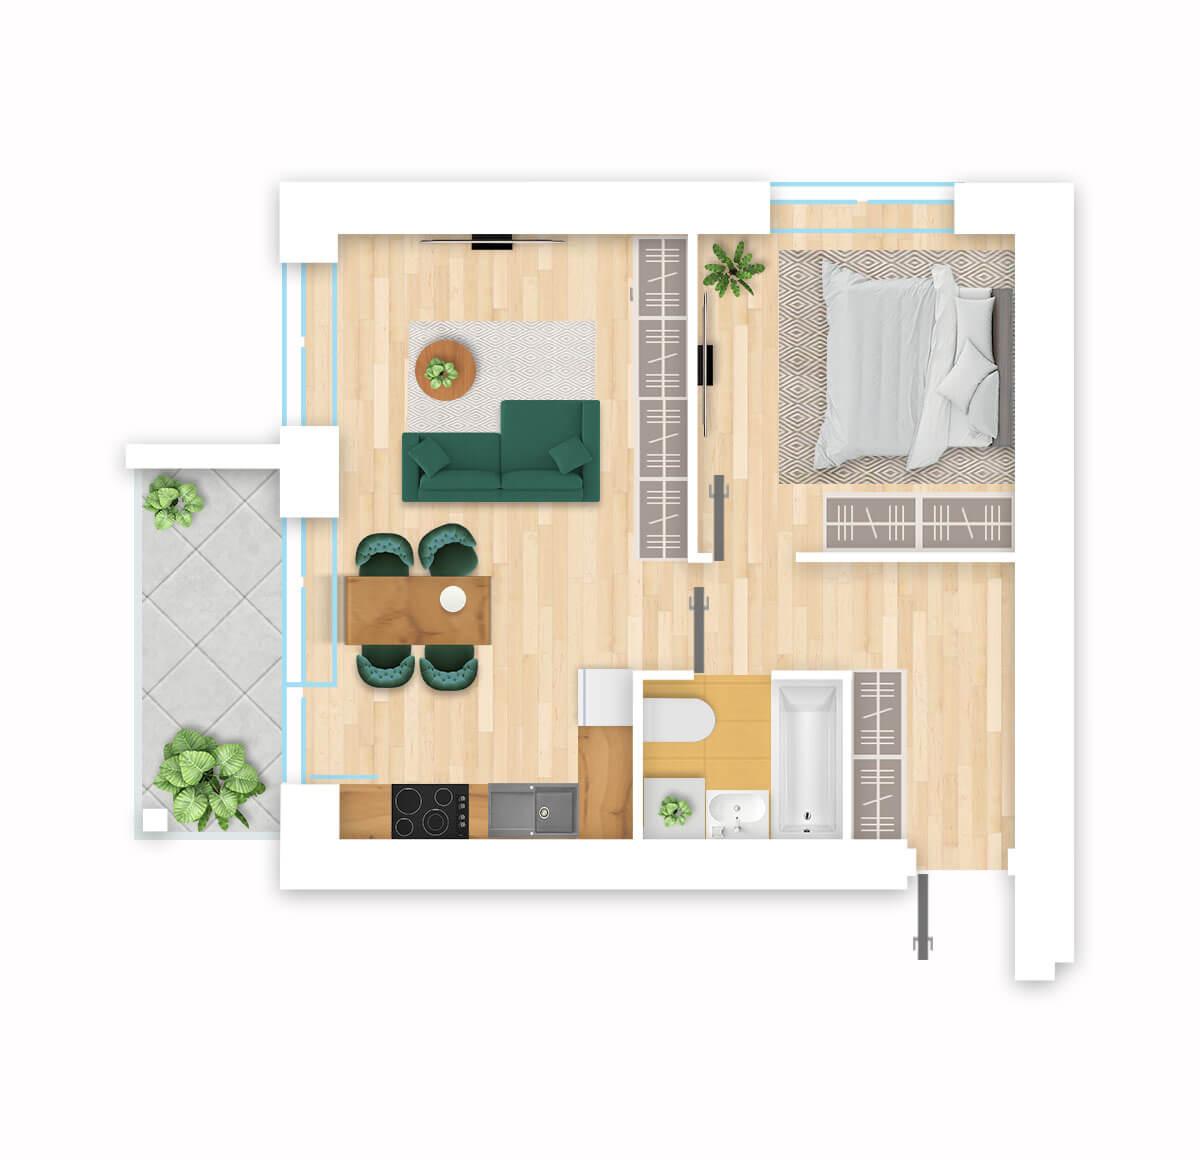 parduodamas butas Lazdynėlių g. 16C - 14 Vilniuje, buto 3D vaizdas